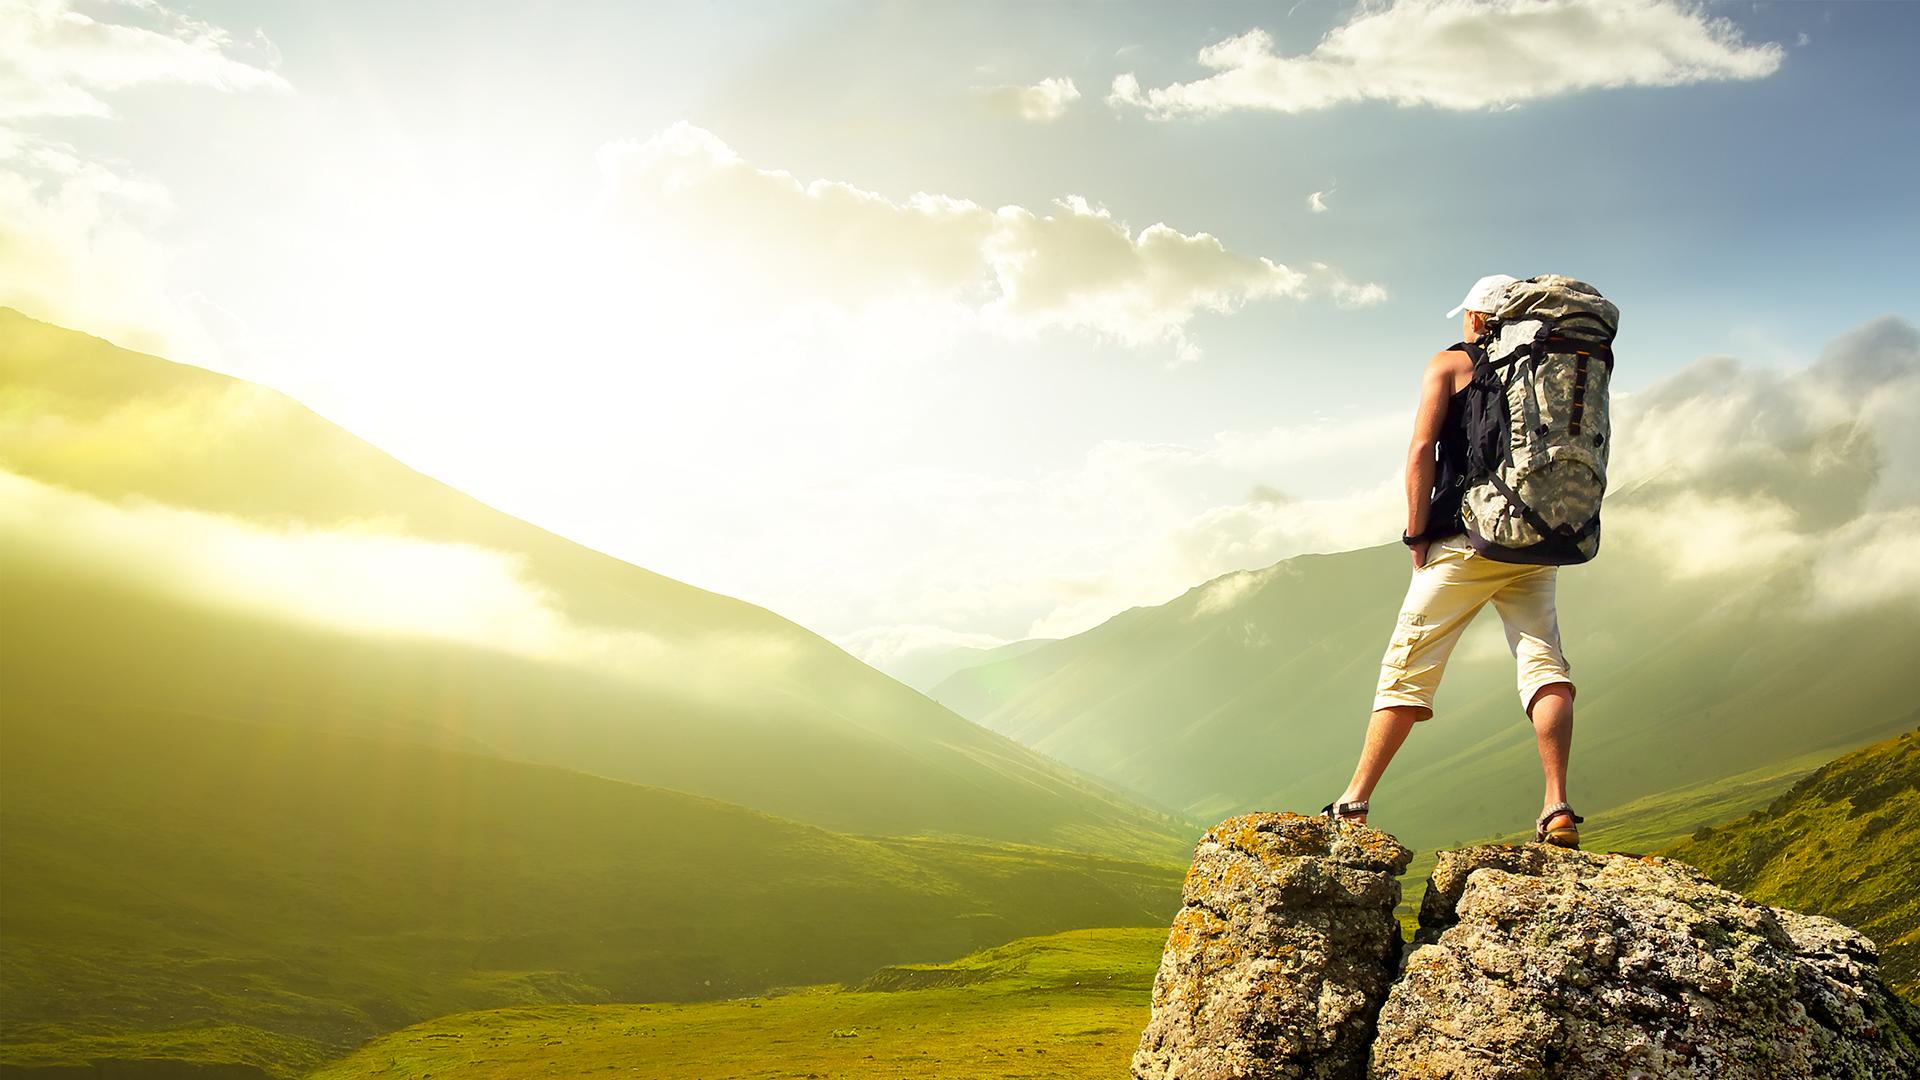 climber surveying mountain